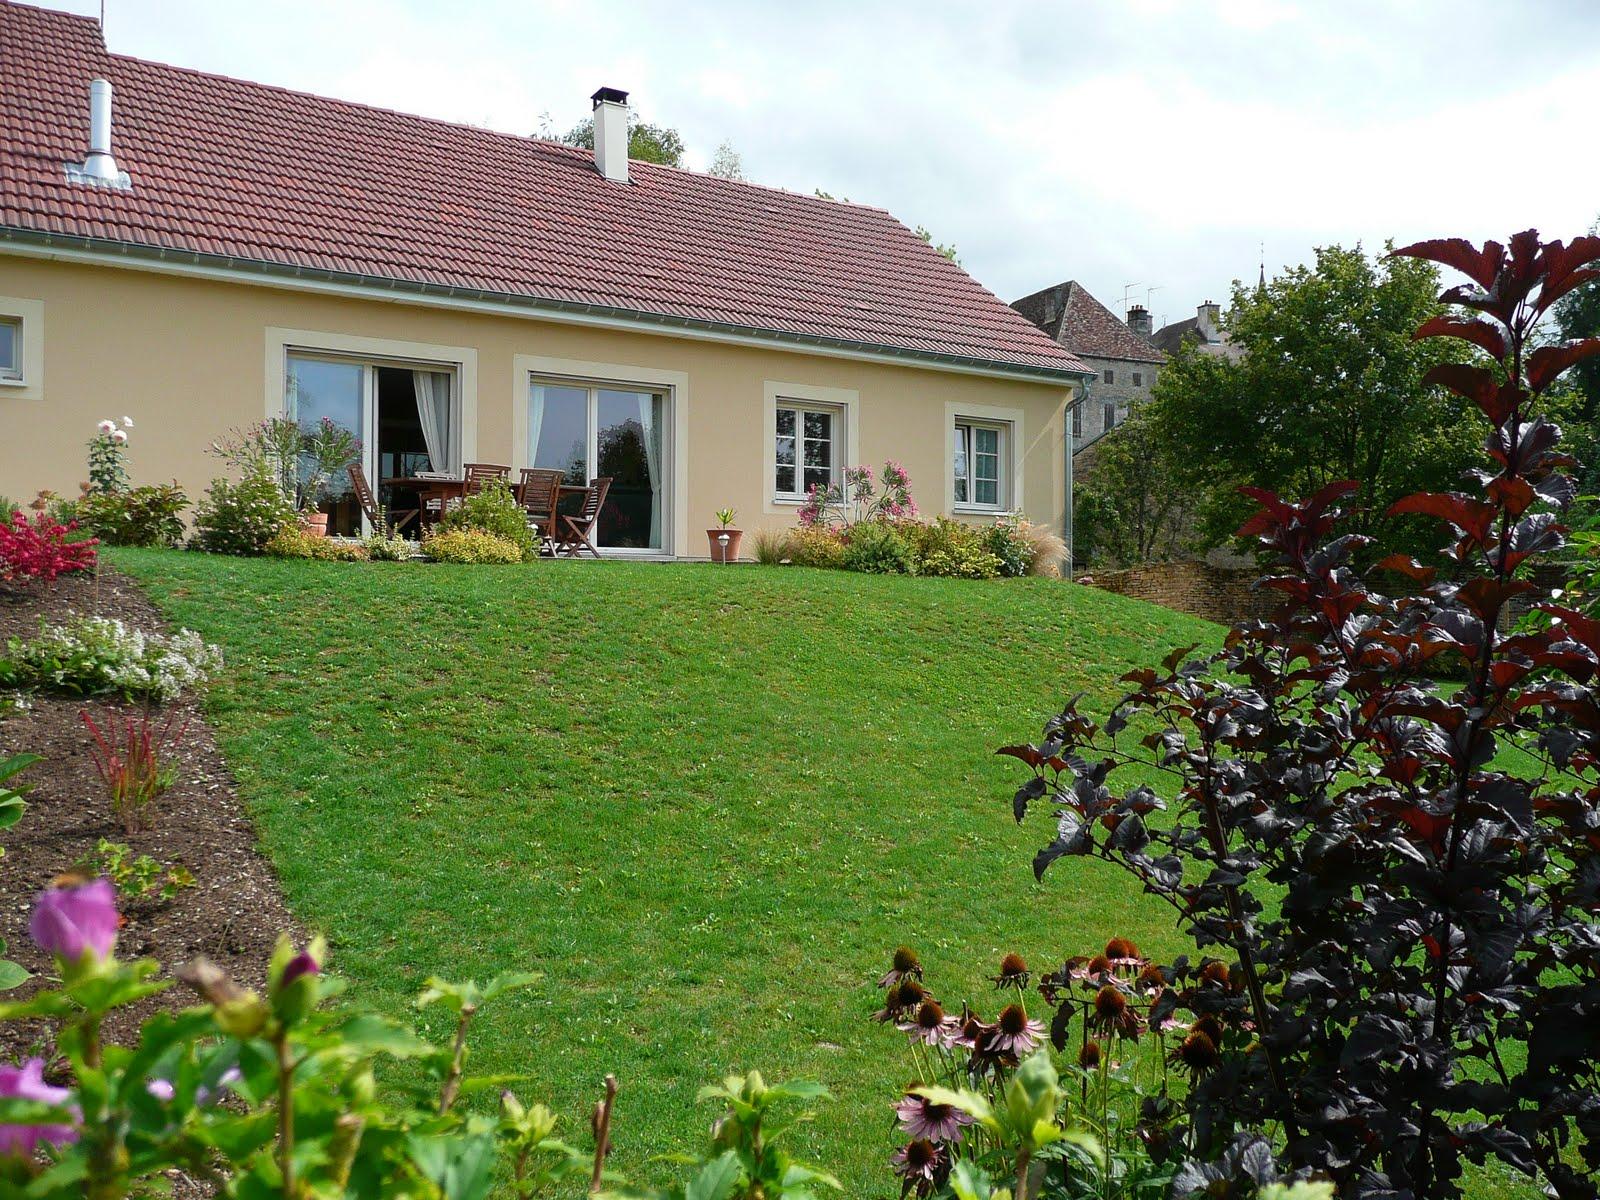 Notre jardin secret doucement mais surement - Jardin dans une maison poitiers ...